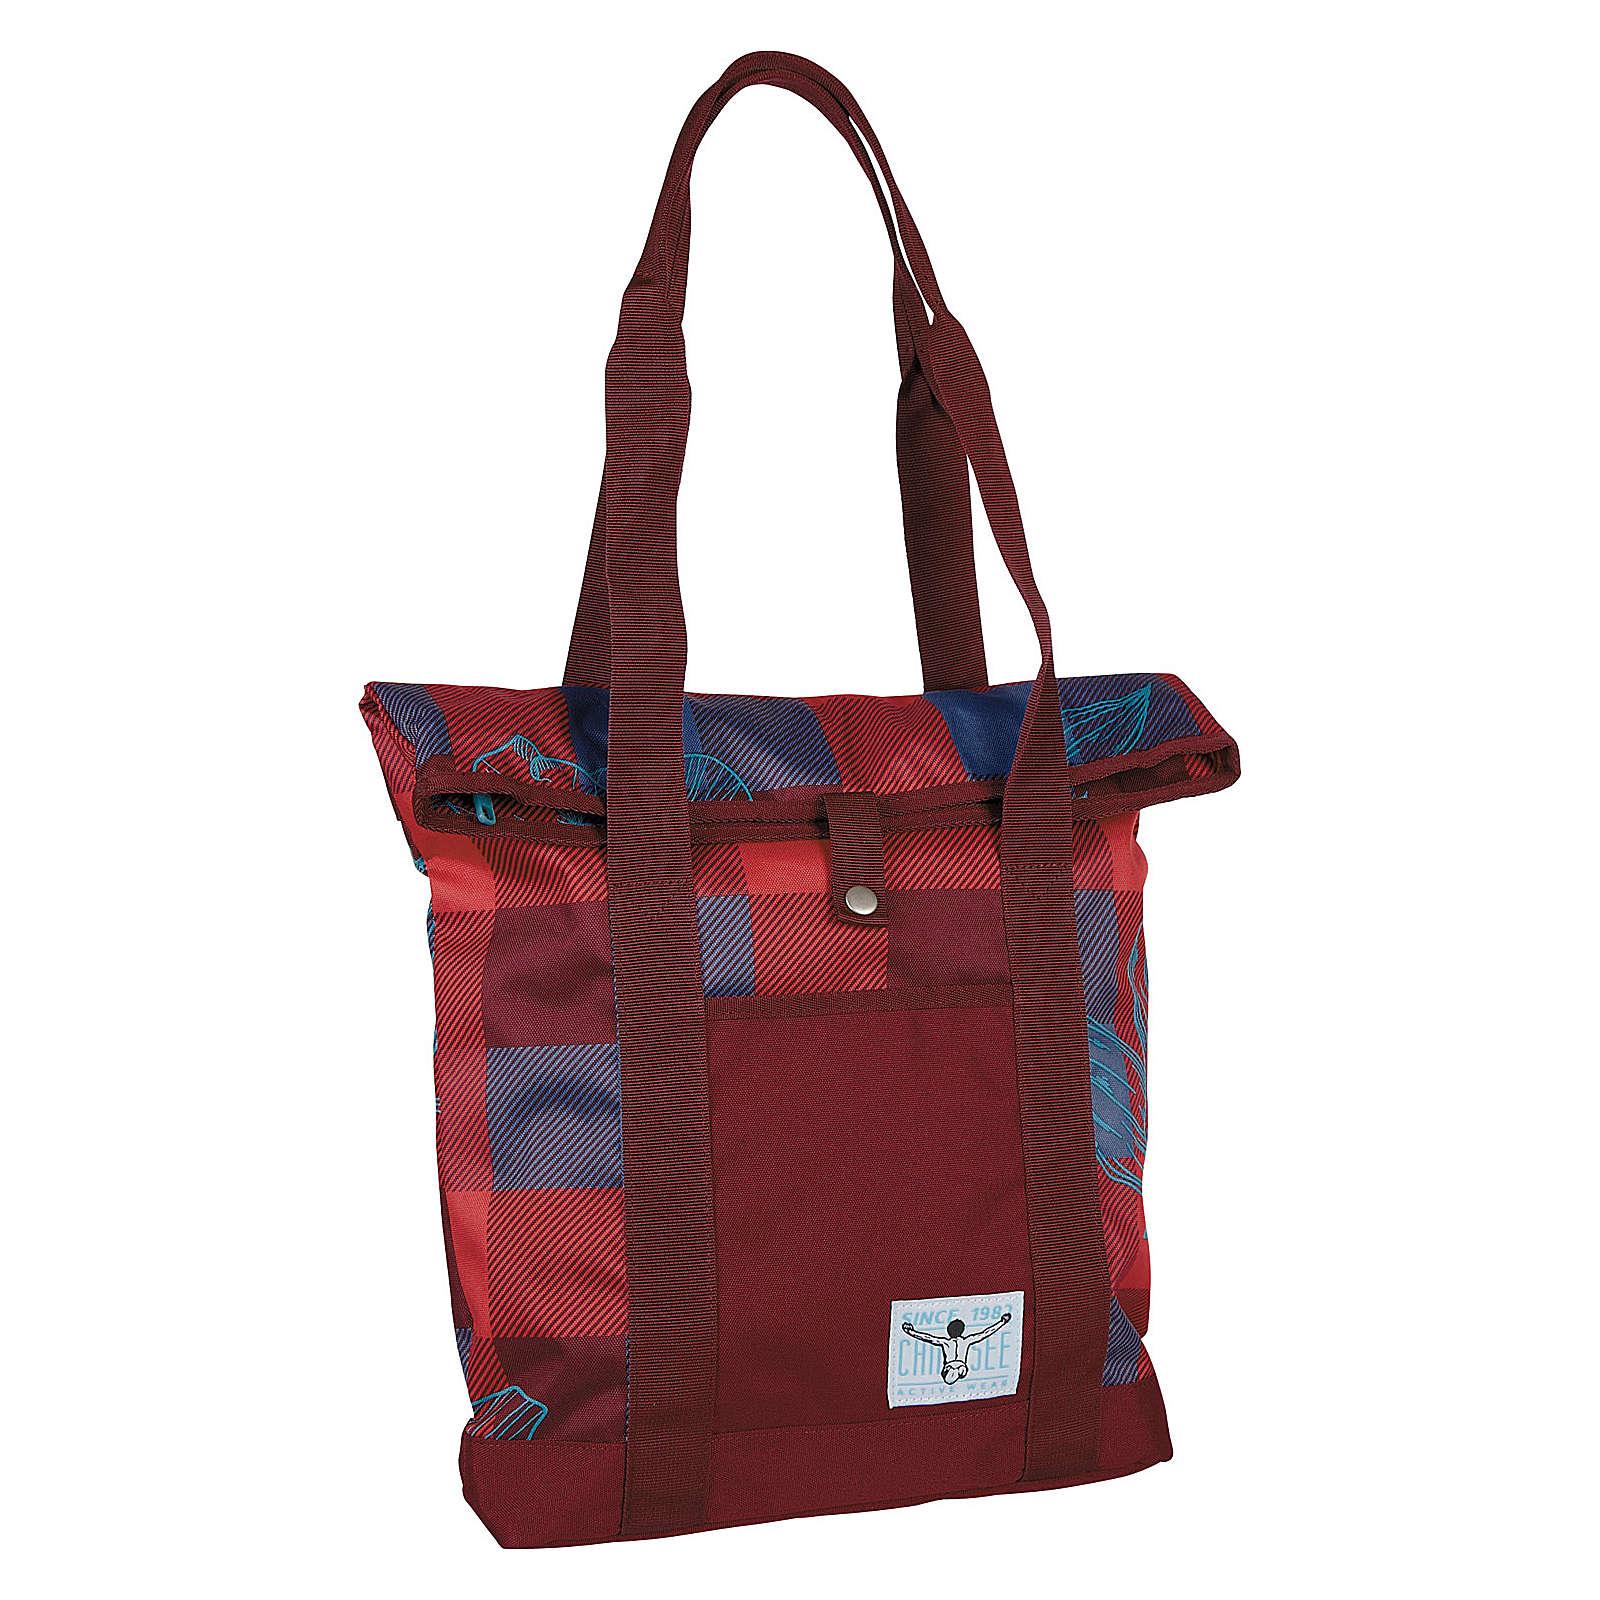 CHIEMSEE Backpack Shopper Tasche 39 cm rot-kombi Damen